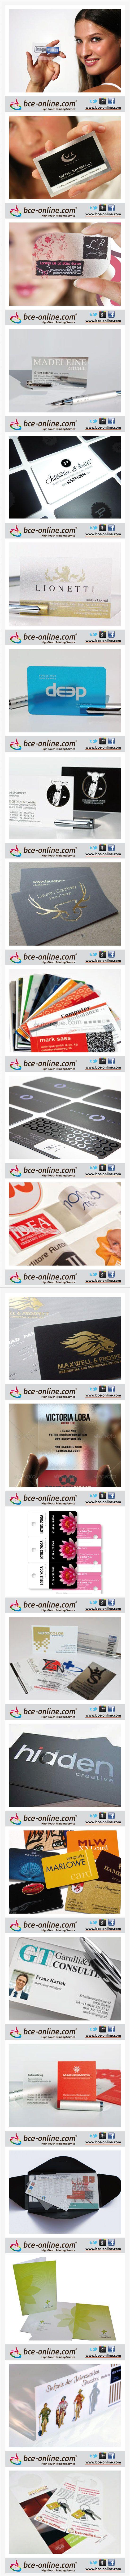 Clear Business Cards Gallery http://www.bce-online.com/en